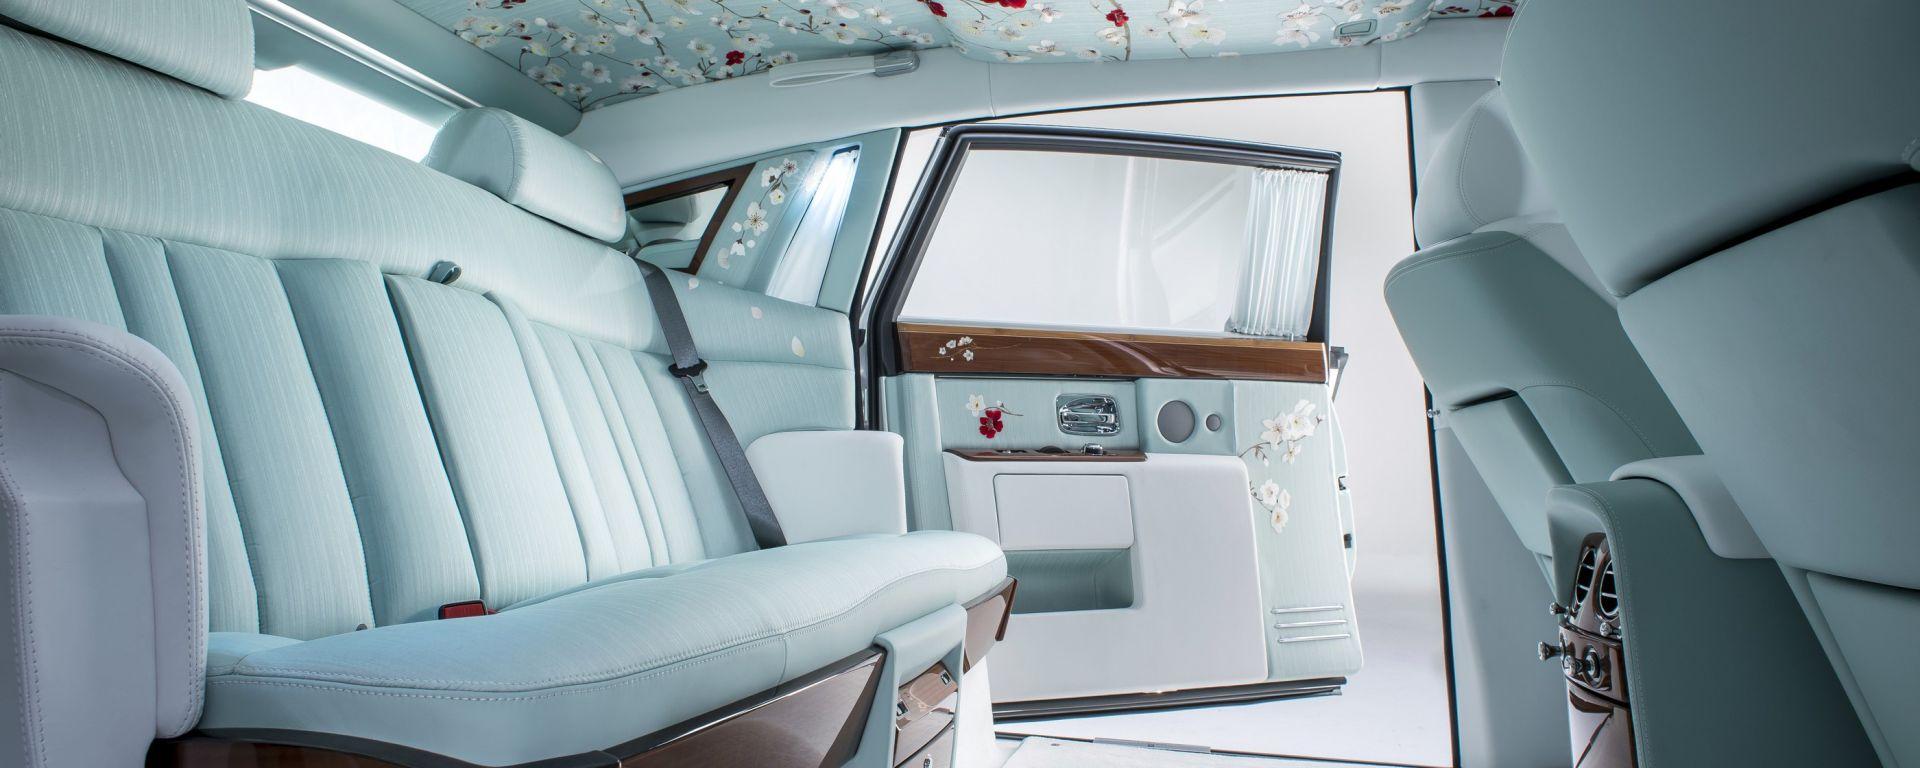 Rolls-Royce Bespoke Serenity Phantom